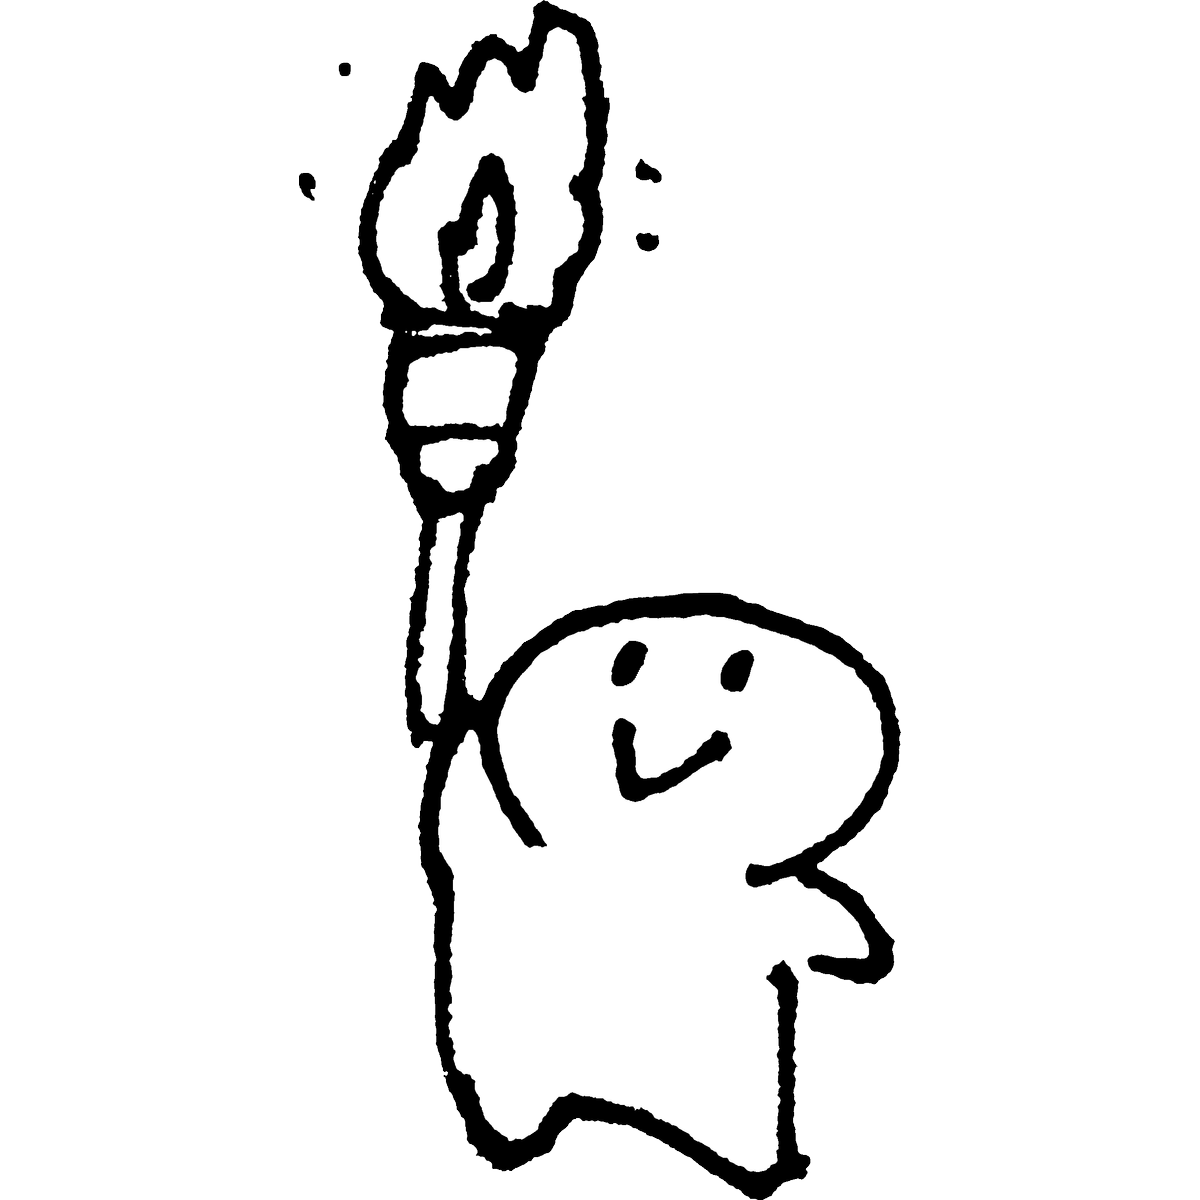 聖火リレーのイラスト torch-relay_bearer